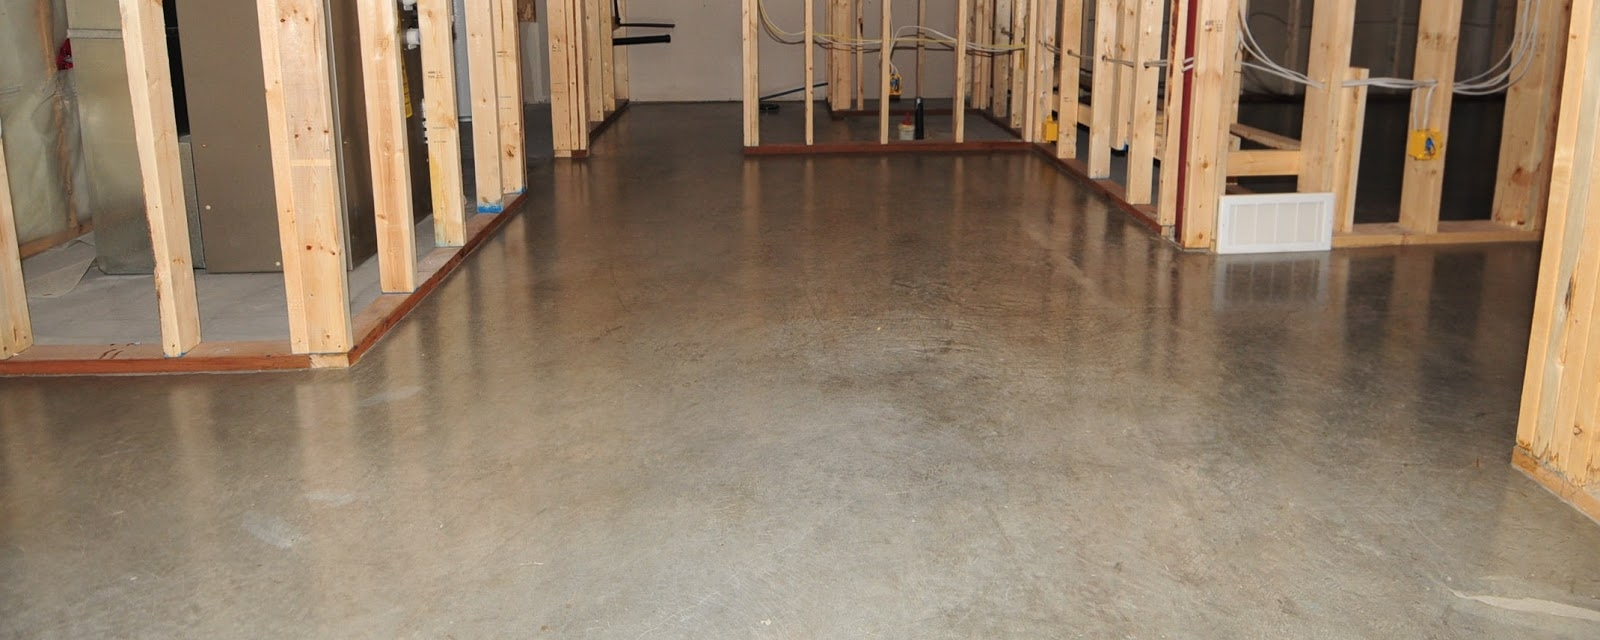 Should I Seal My New Basement Floor